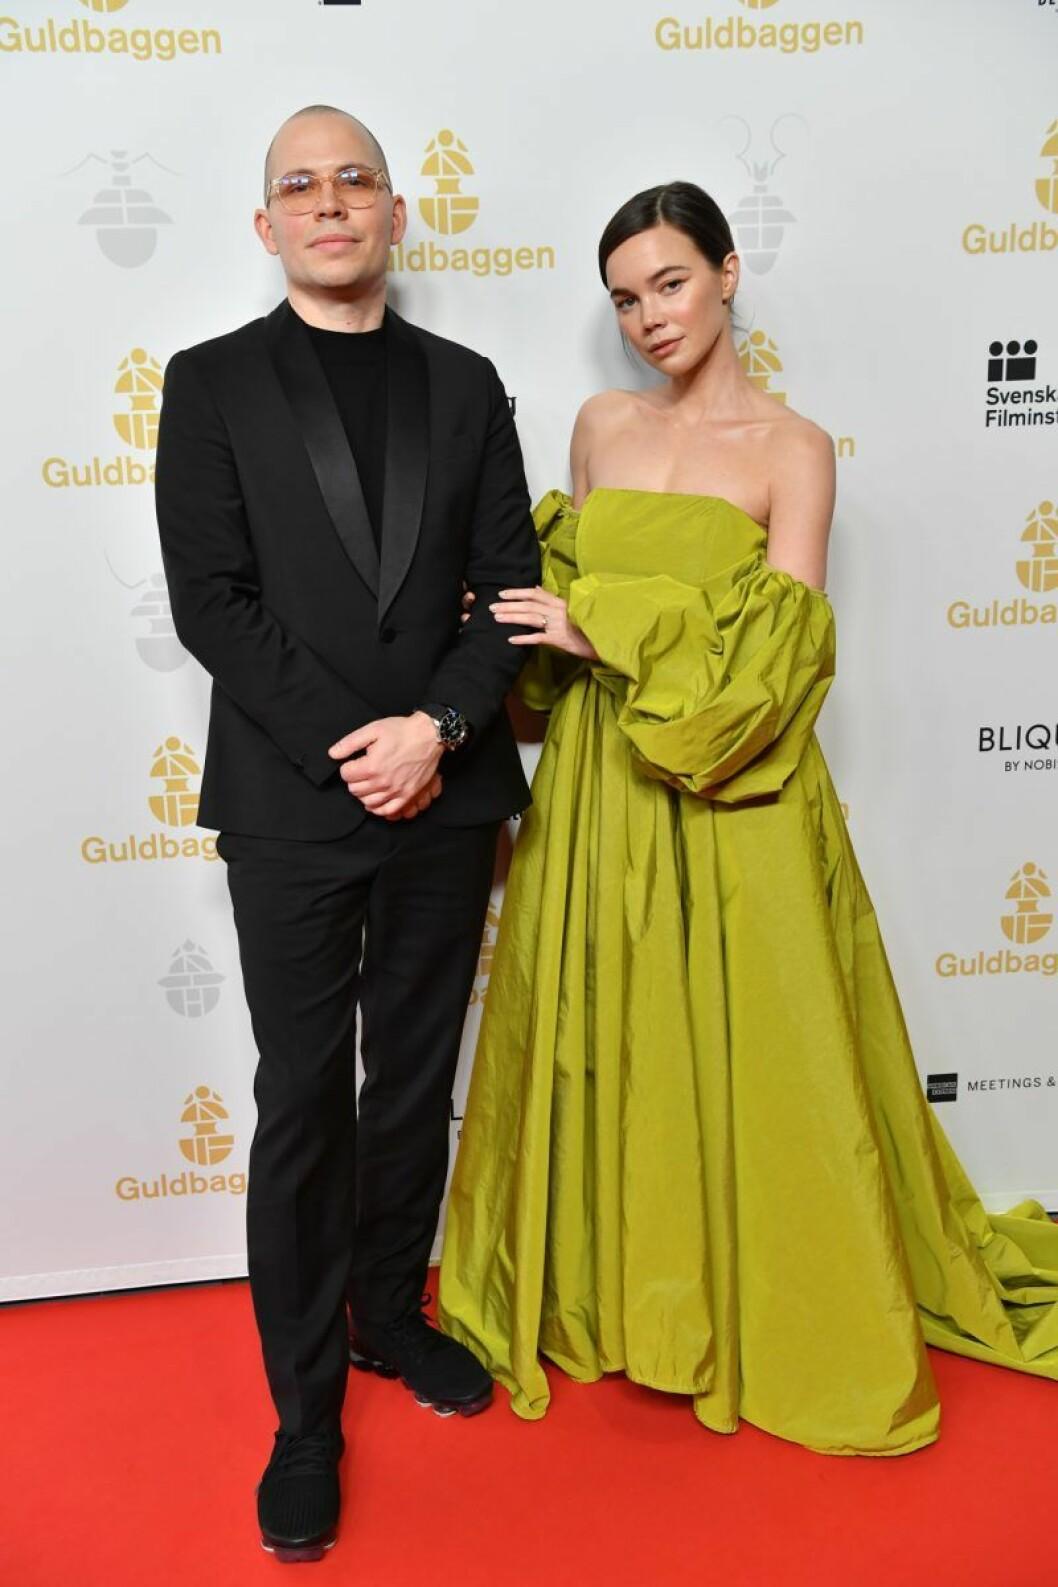 Hedda Stiernstedt med sin partner Alexis Almström på röda mattan på Guldbaggegalan 2020